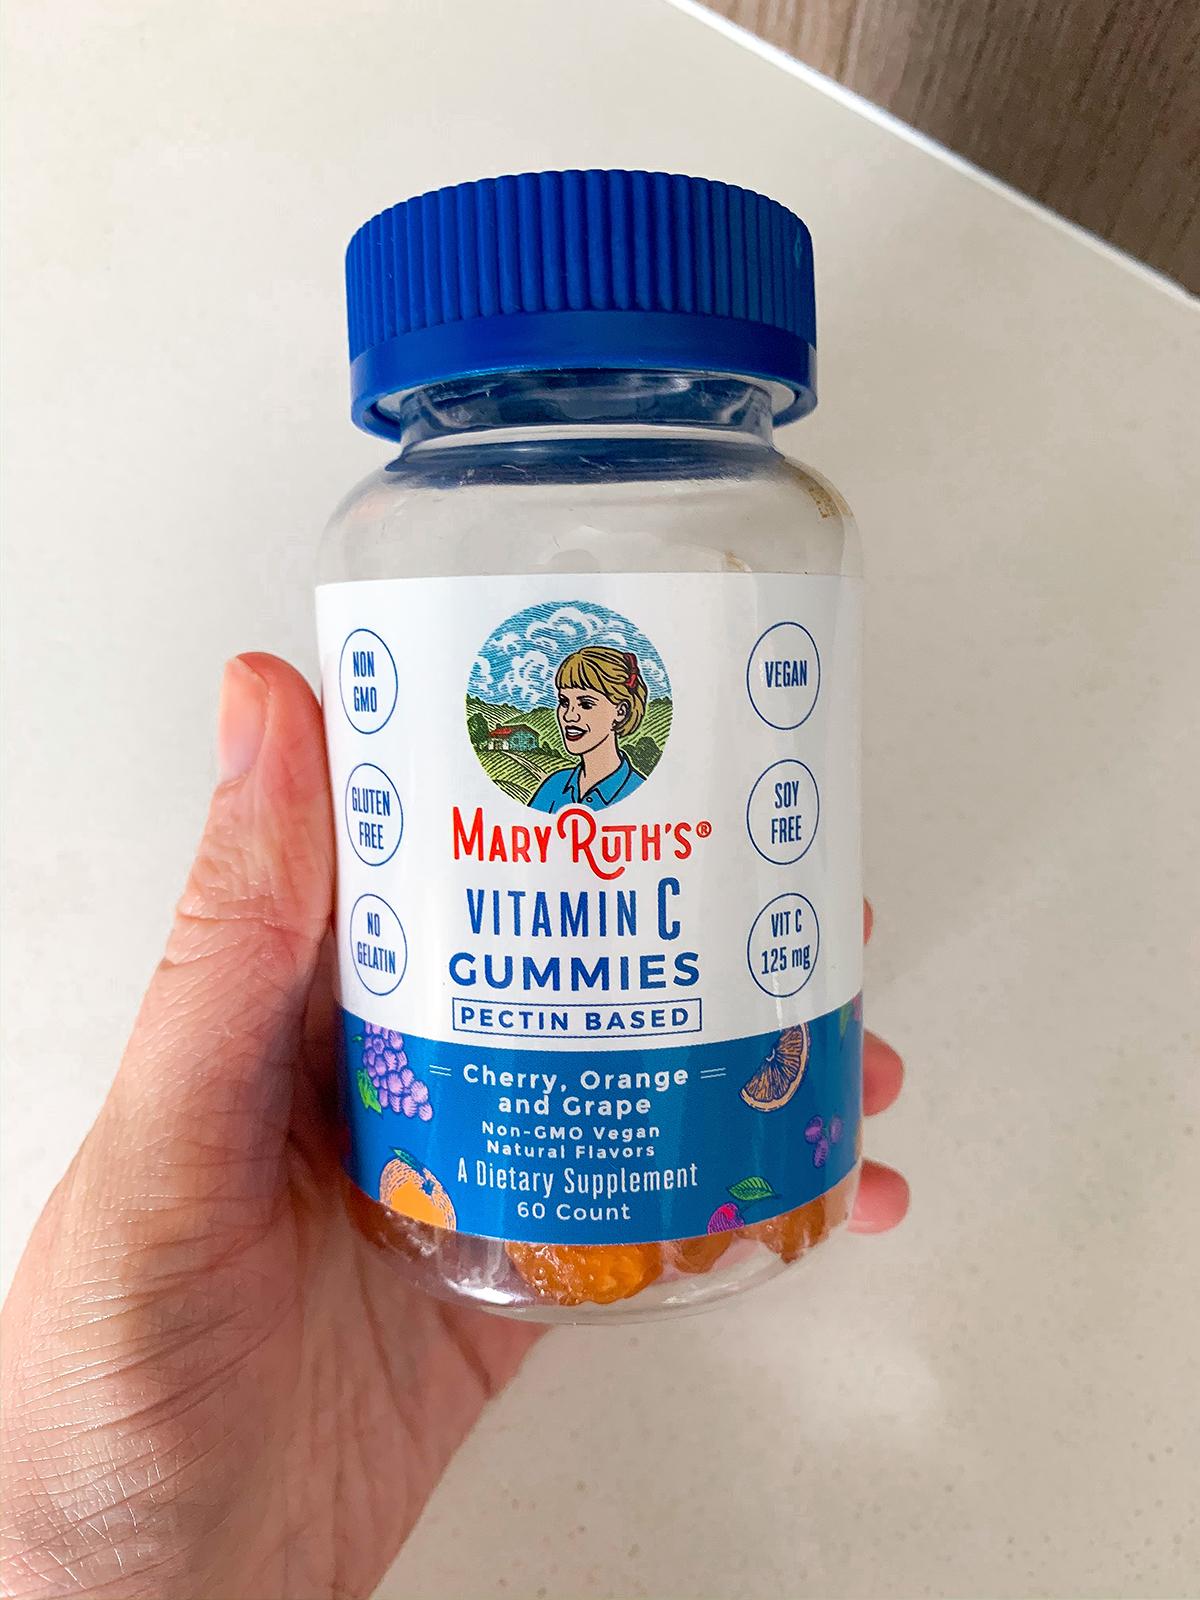 Mary Ruths Vitamin C Gummies